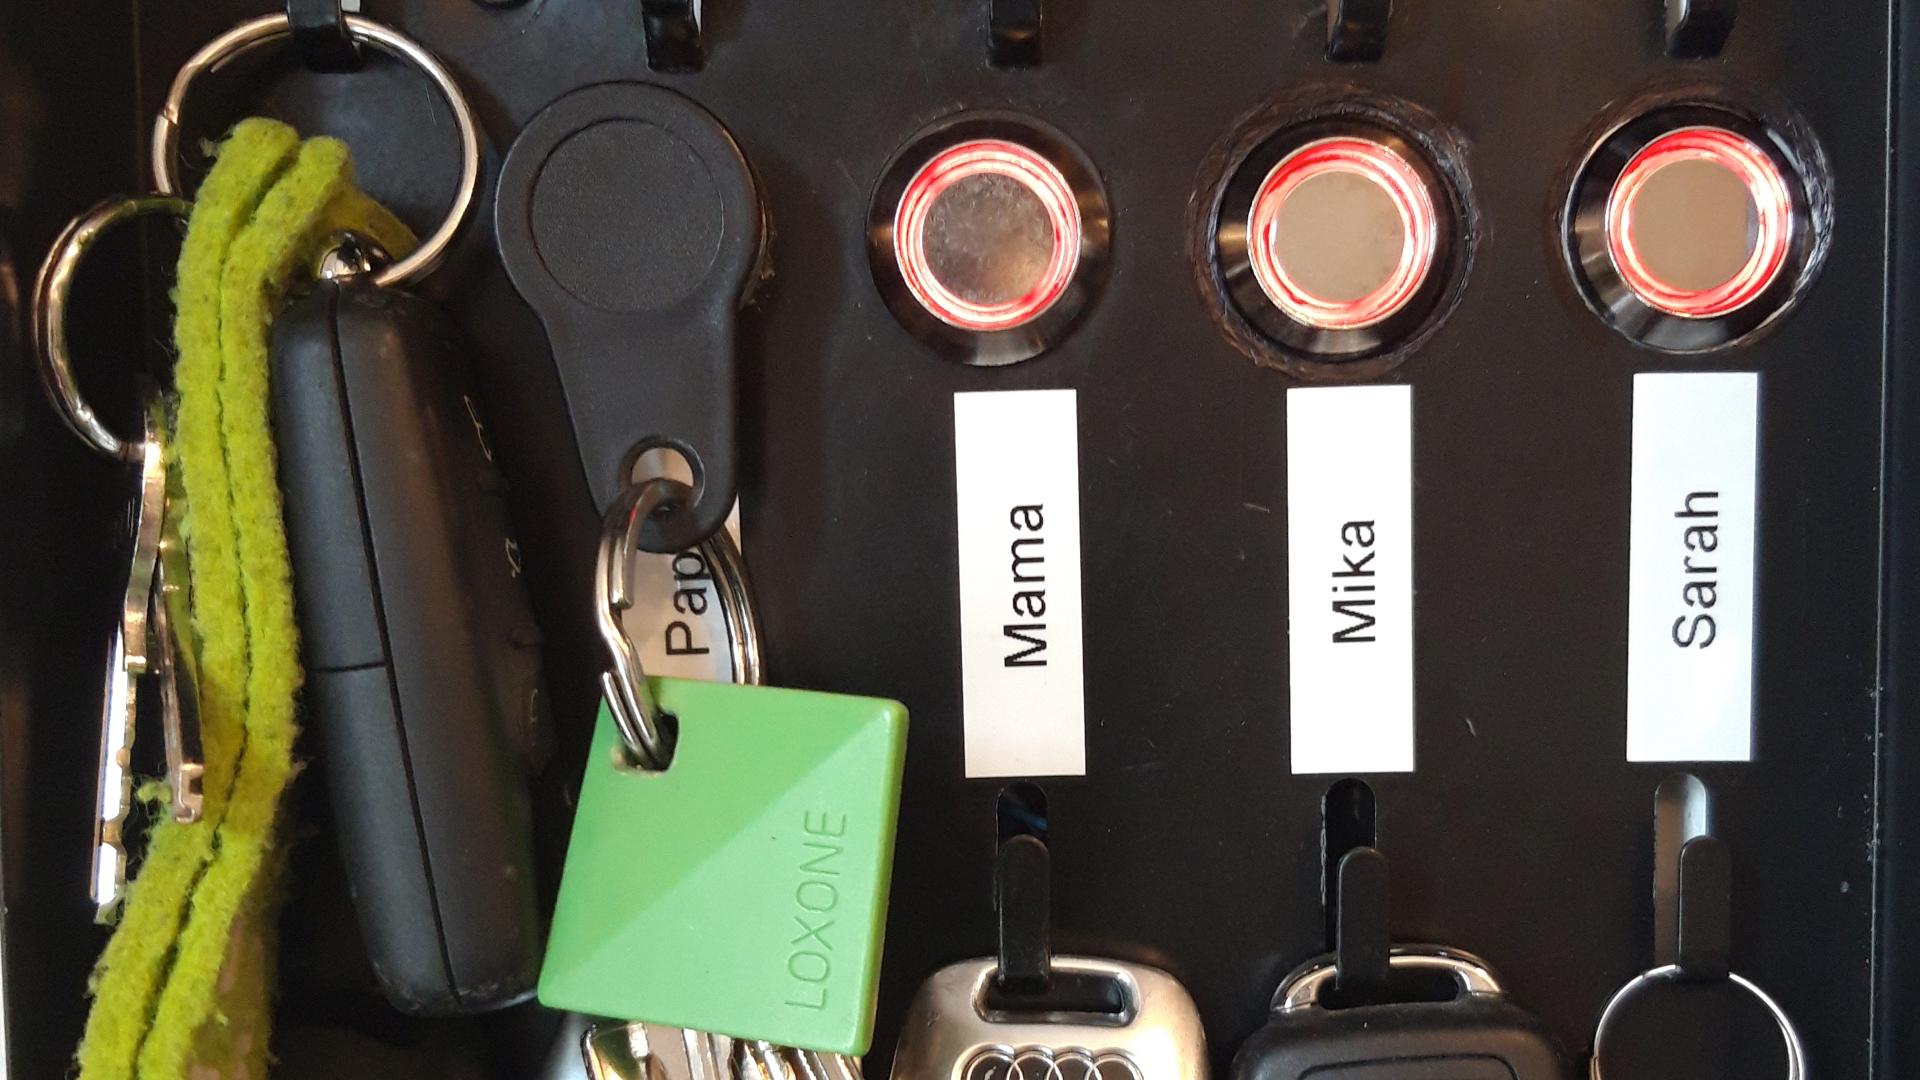 Keys hung on magnetic rack